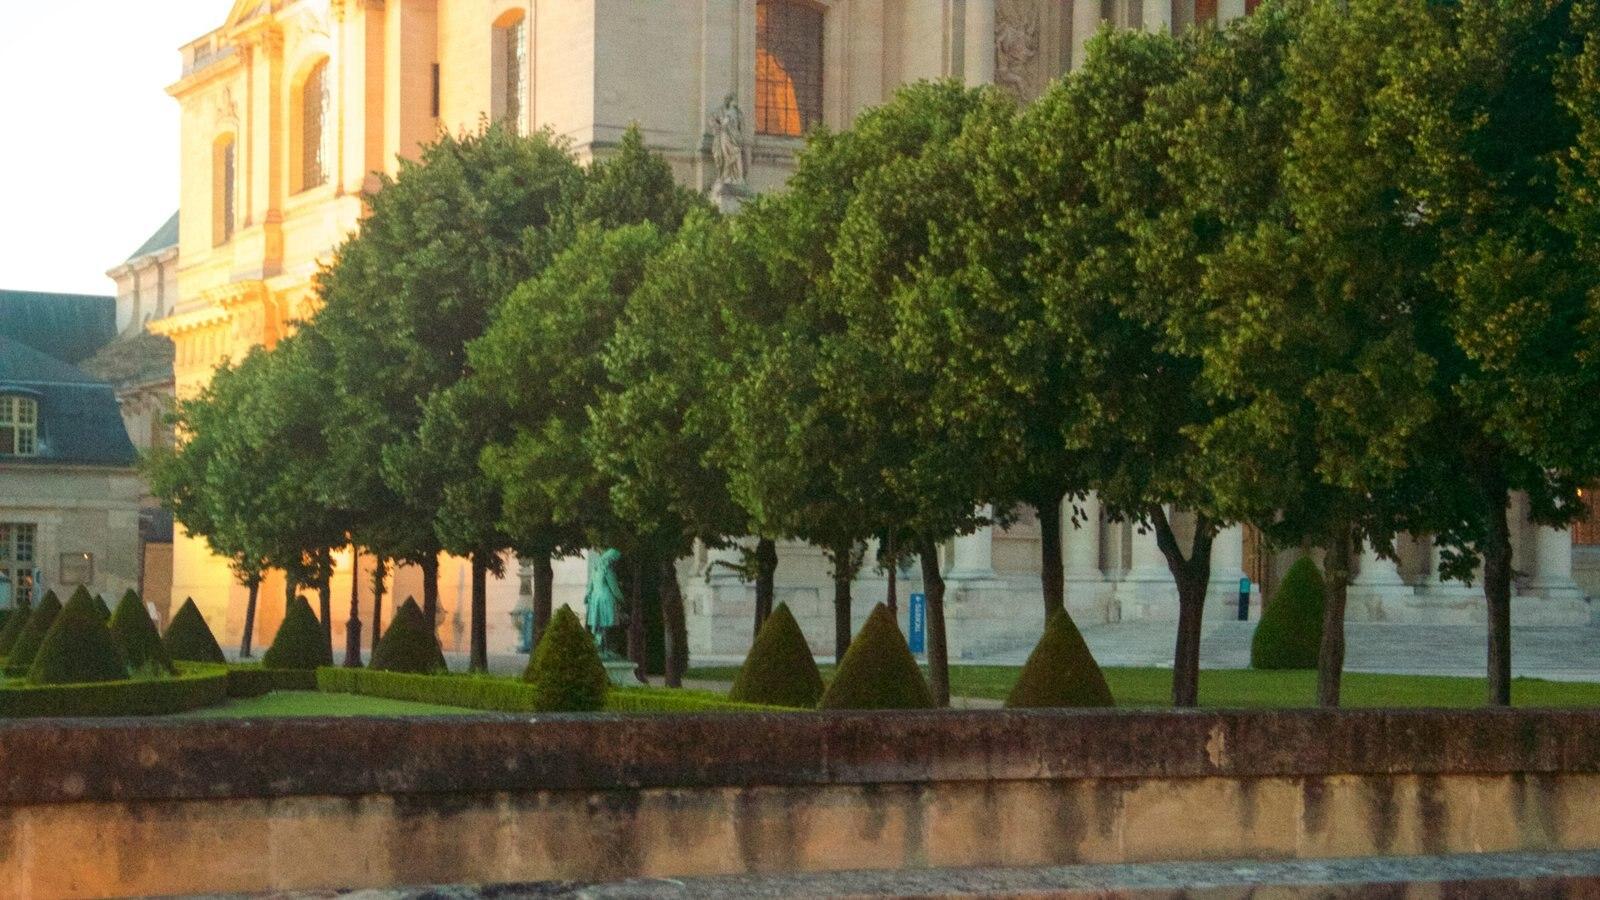 7º Arrondissement mostrando um jardim e elementos de patrimônio